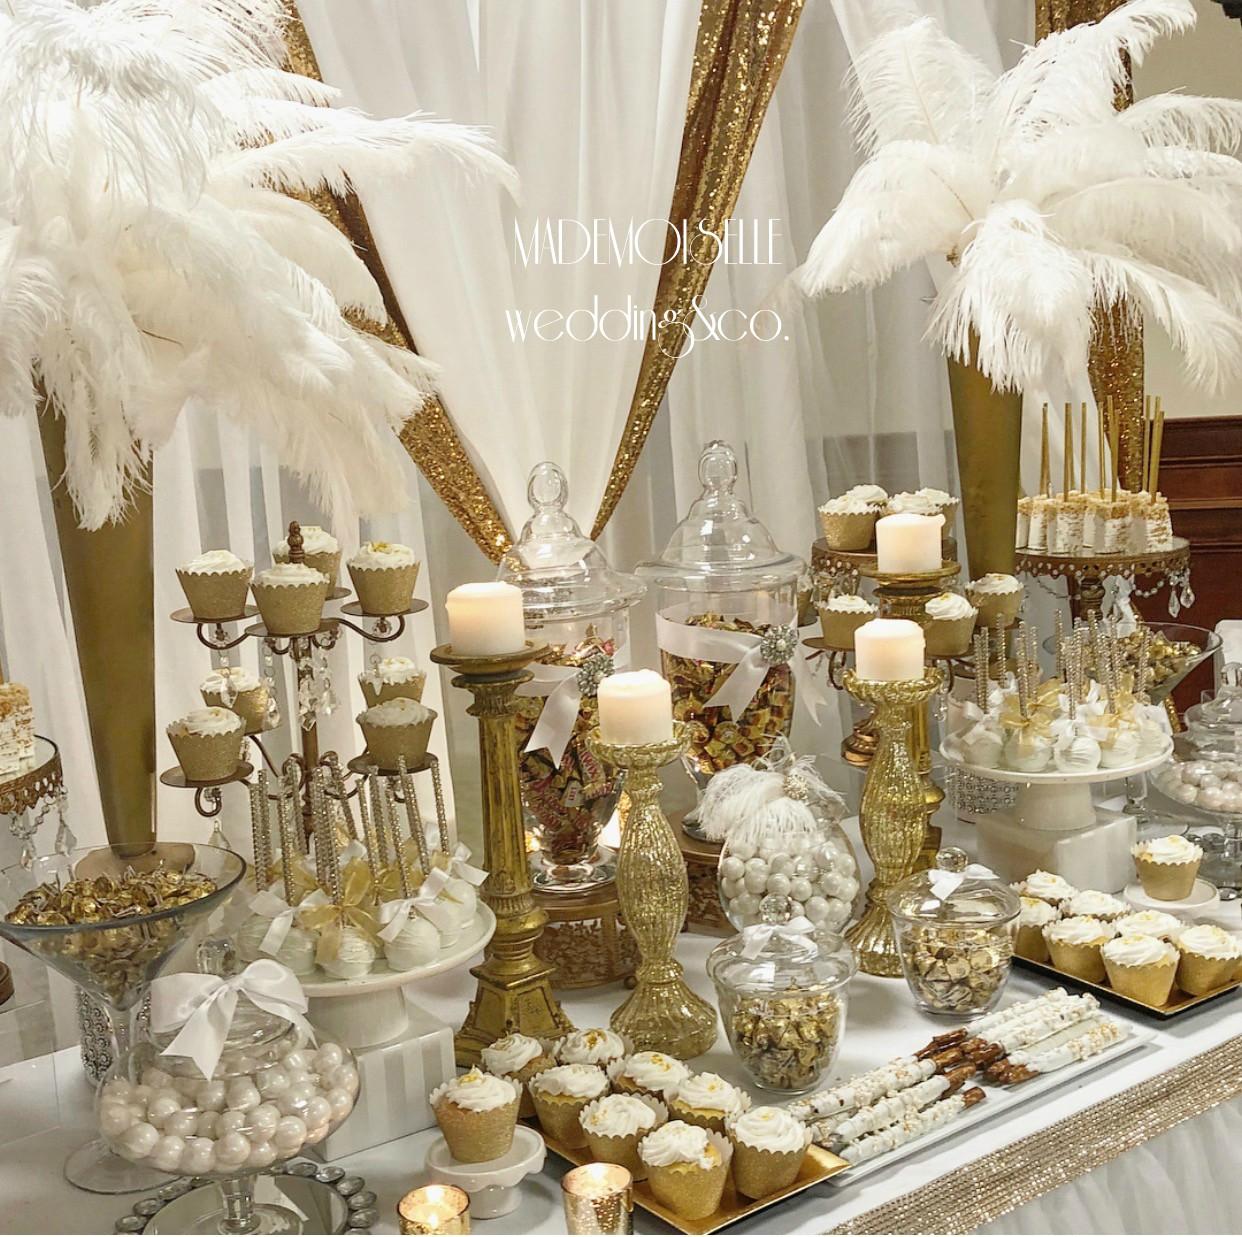 Slatki sto-dekoracija za slatki sto-dekoracija slatkog stola-kolaci-cupecakes-zlatna dekoracija slatkog stola-muffins-cakepops-perje-belo perje-dekoracija belim perjem